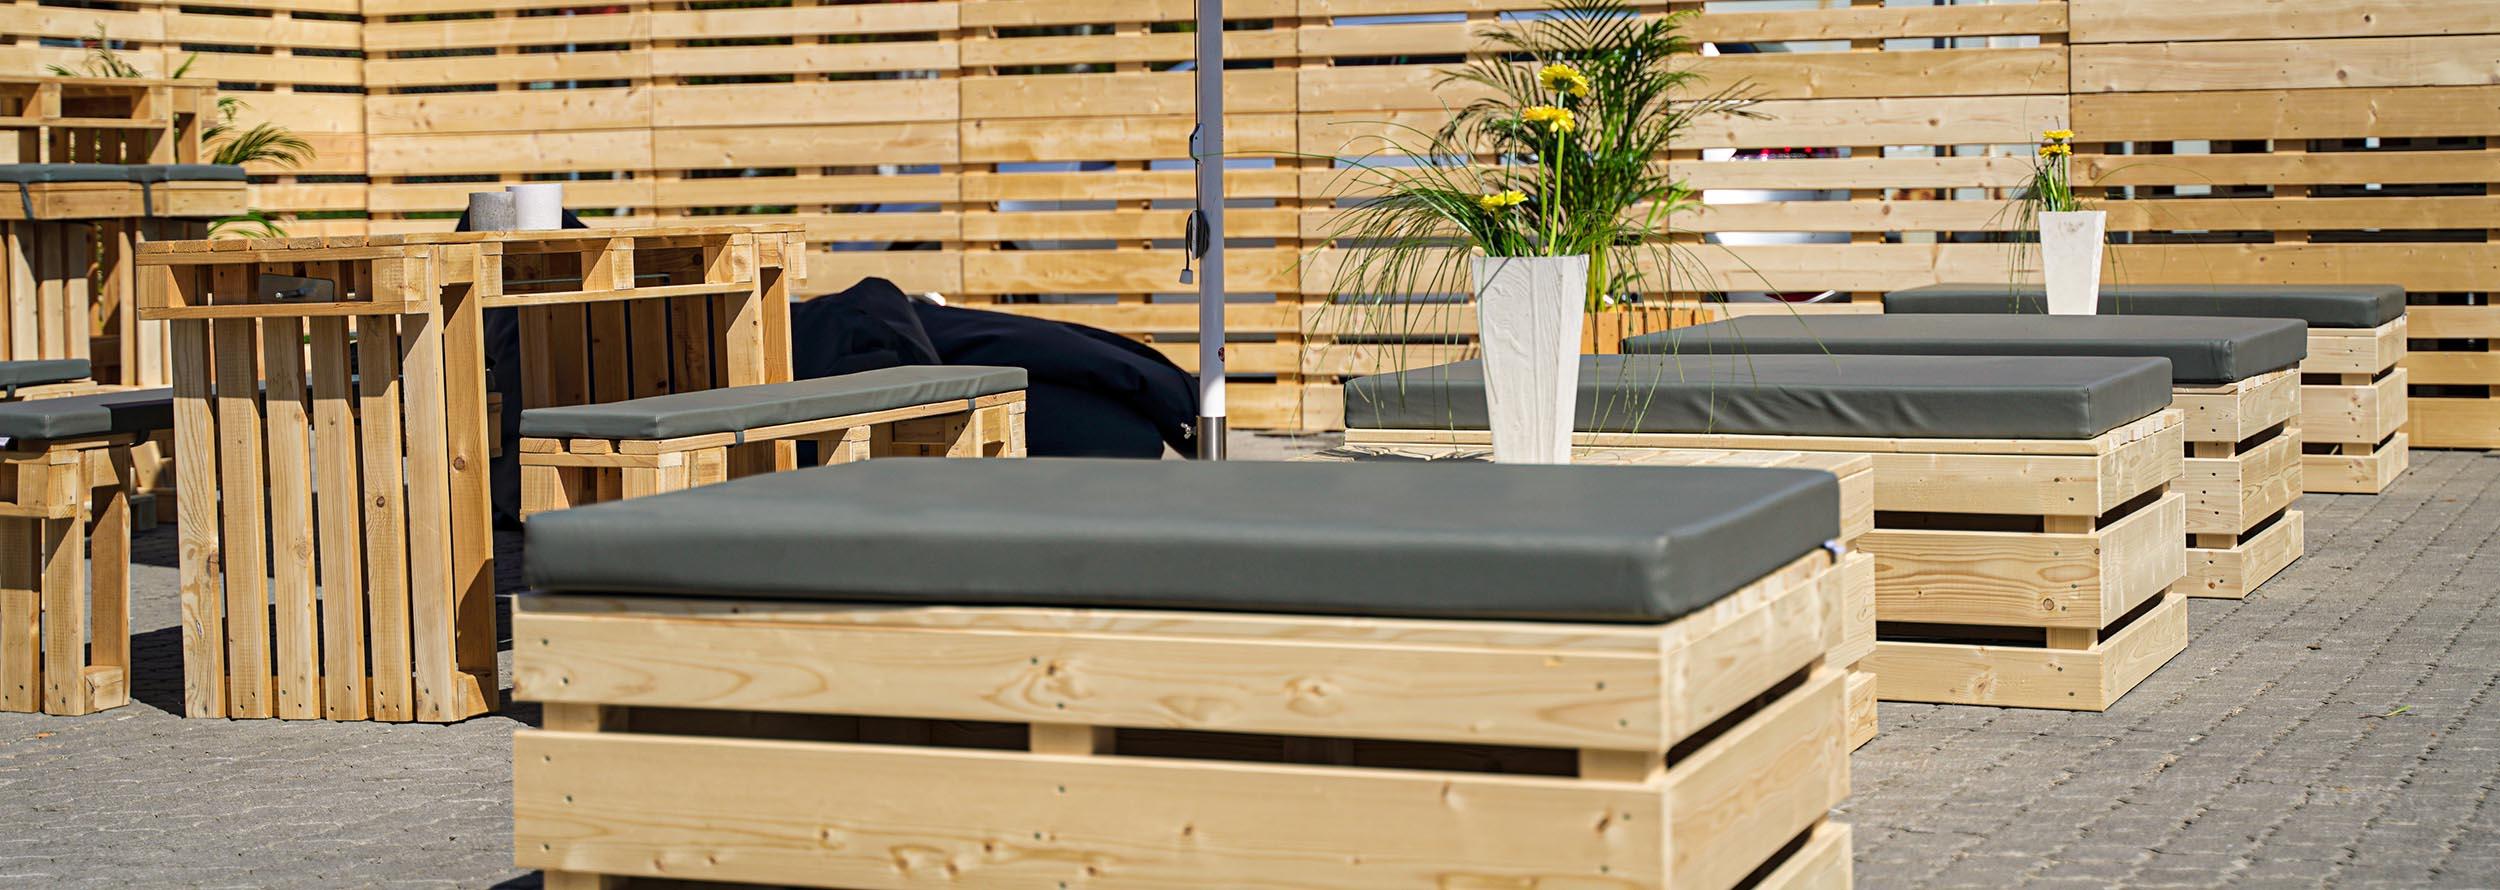 Paletten-Loungemöbel mieten bei SuperSack